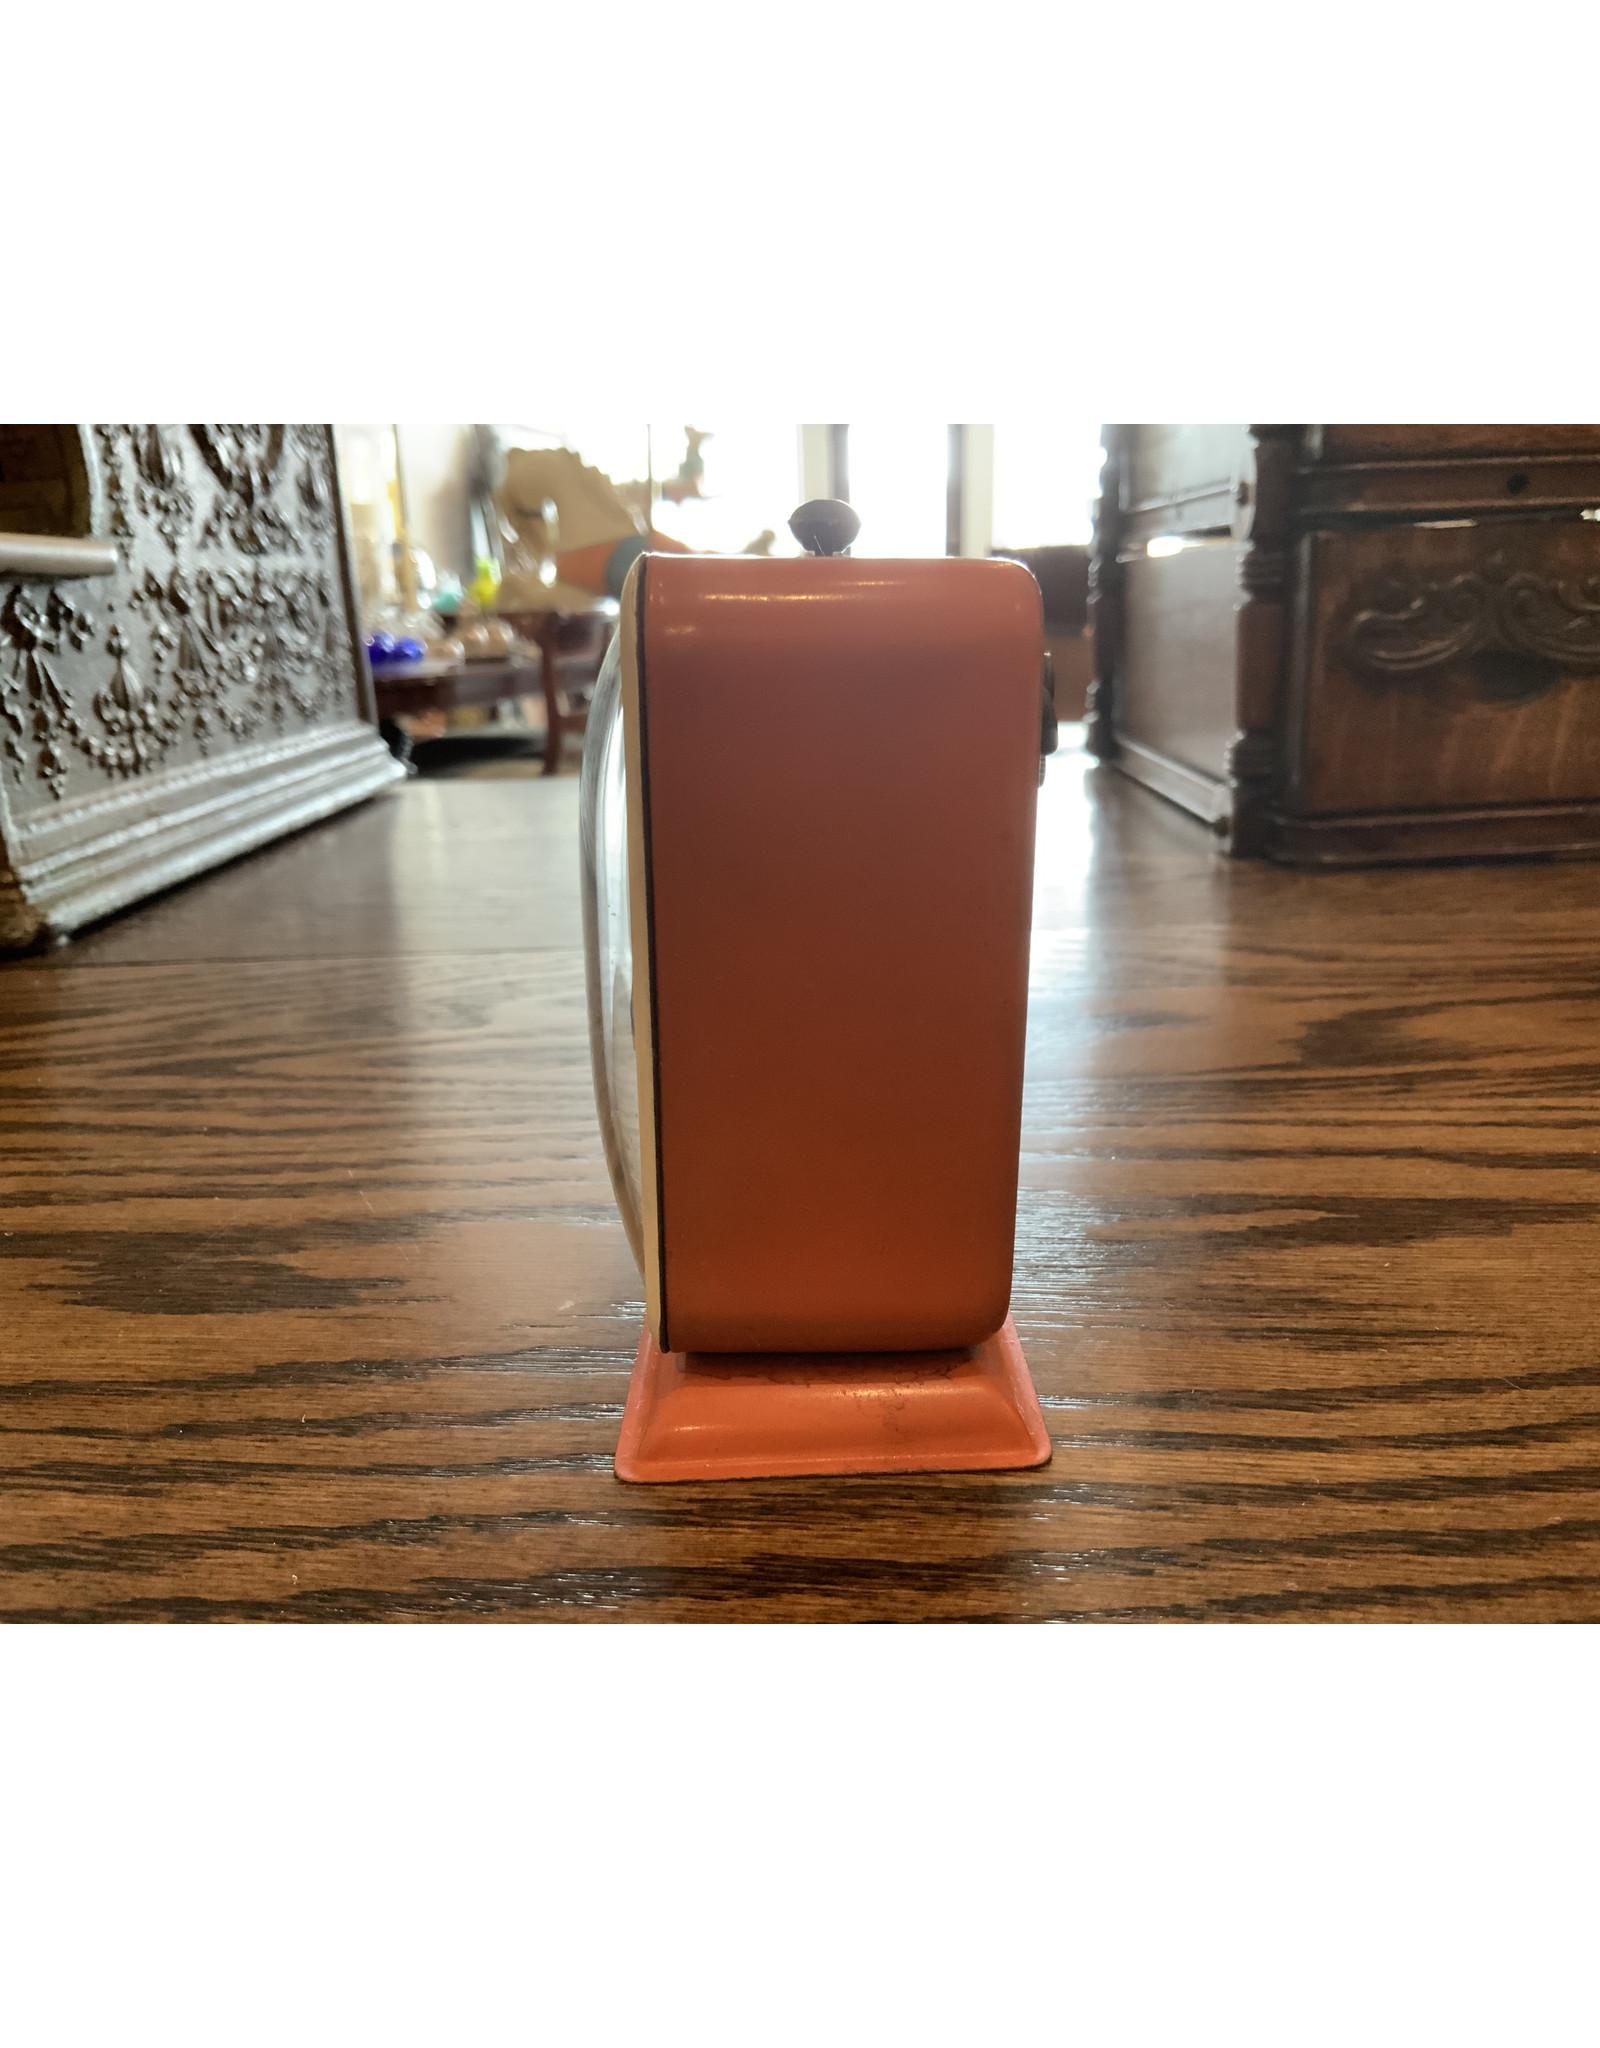 SPV MCM Gilbert Desk Alarm Clock Orange